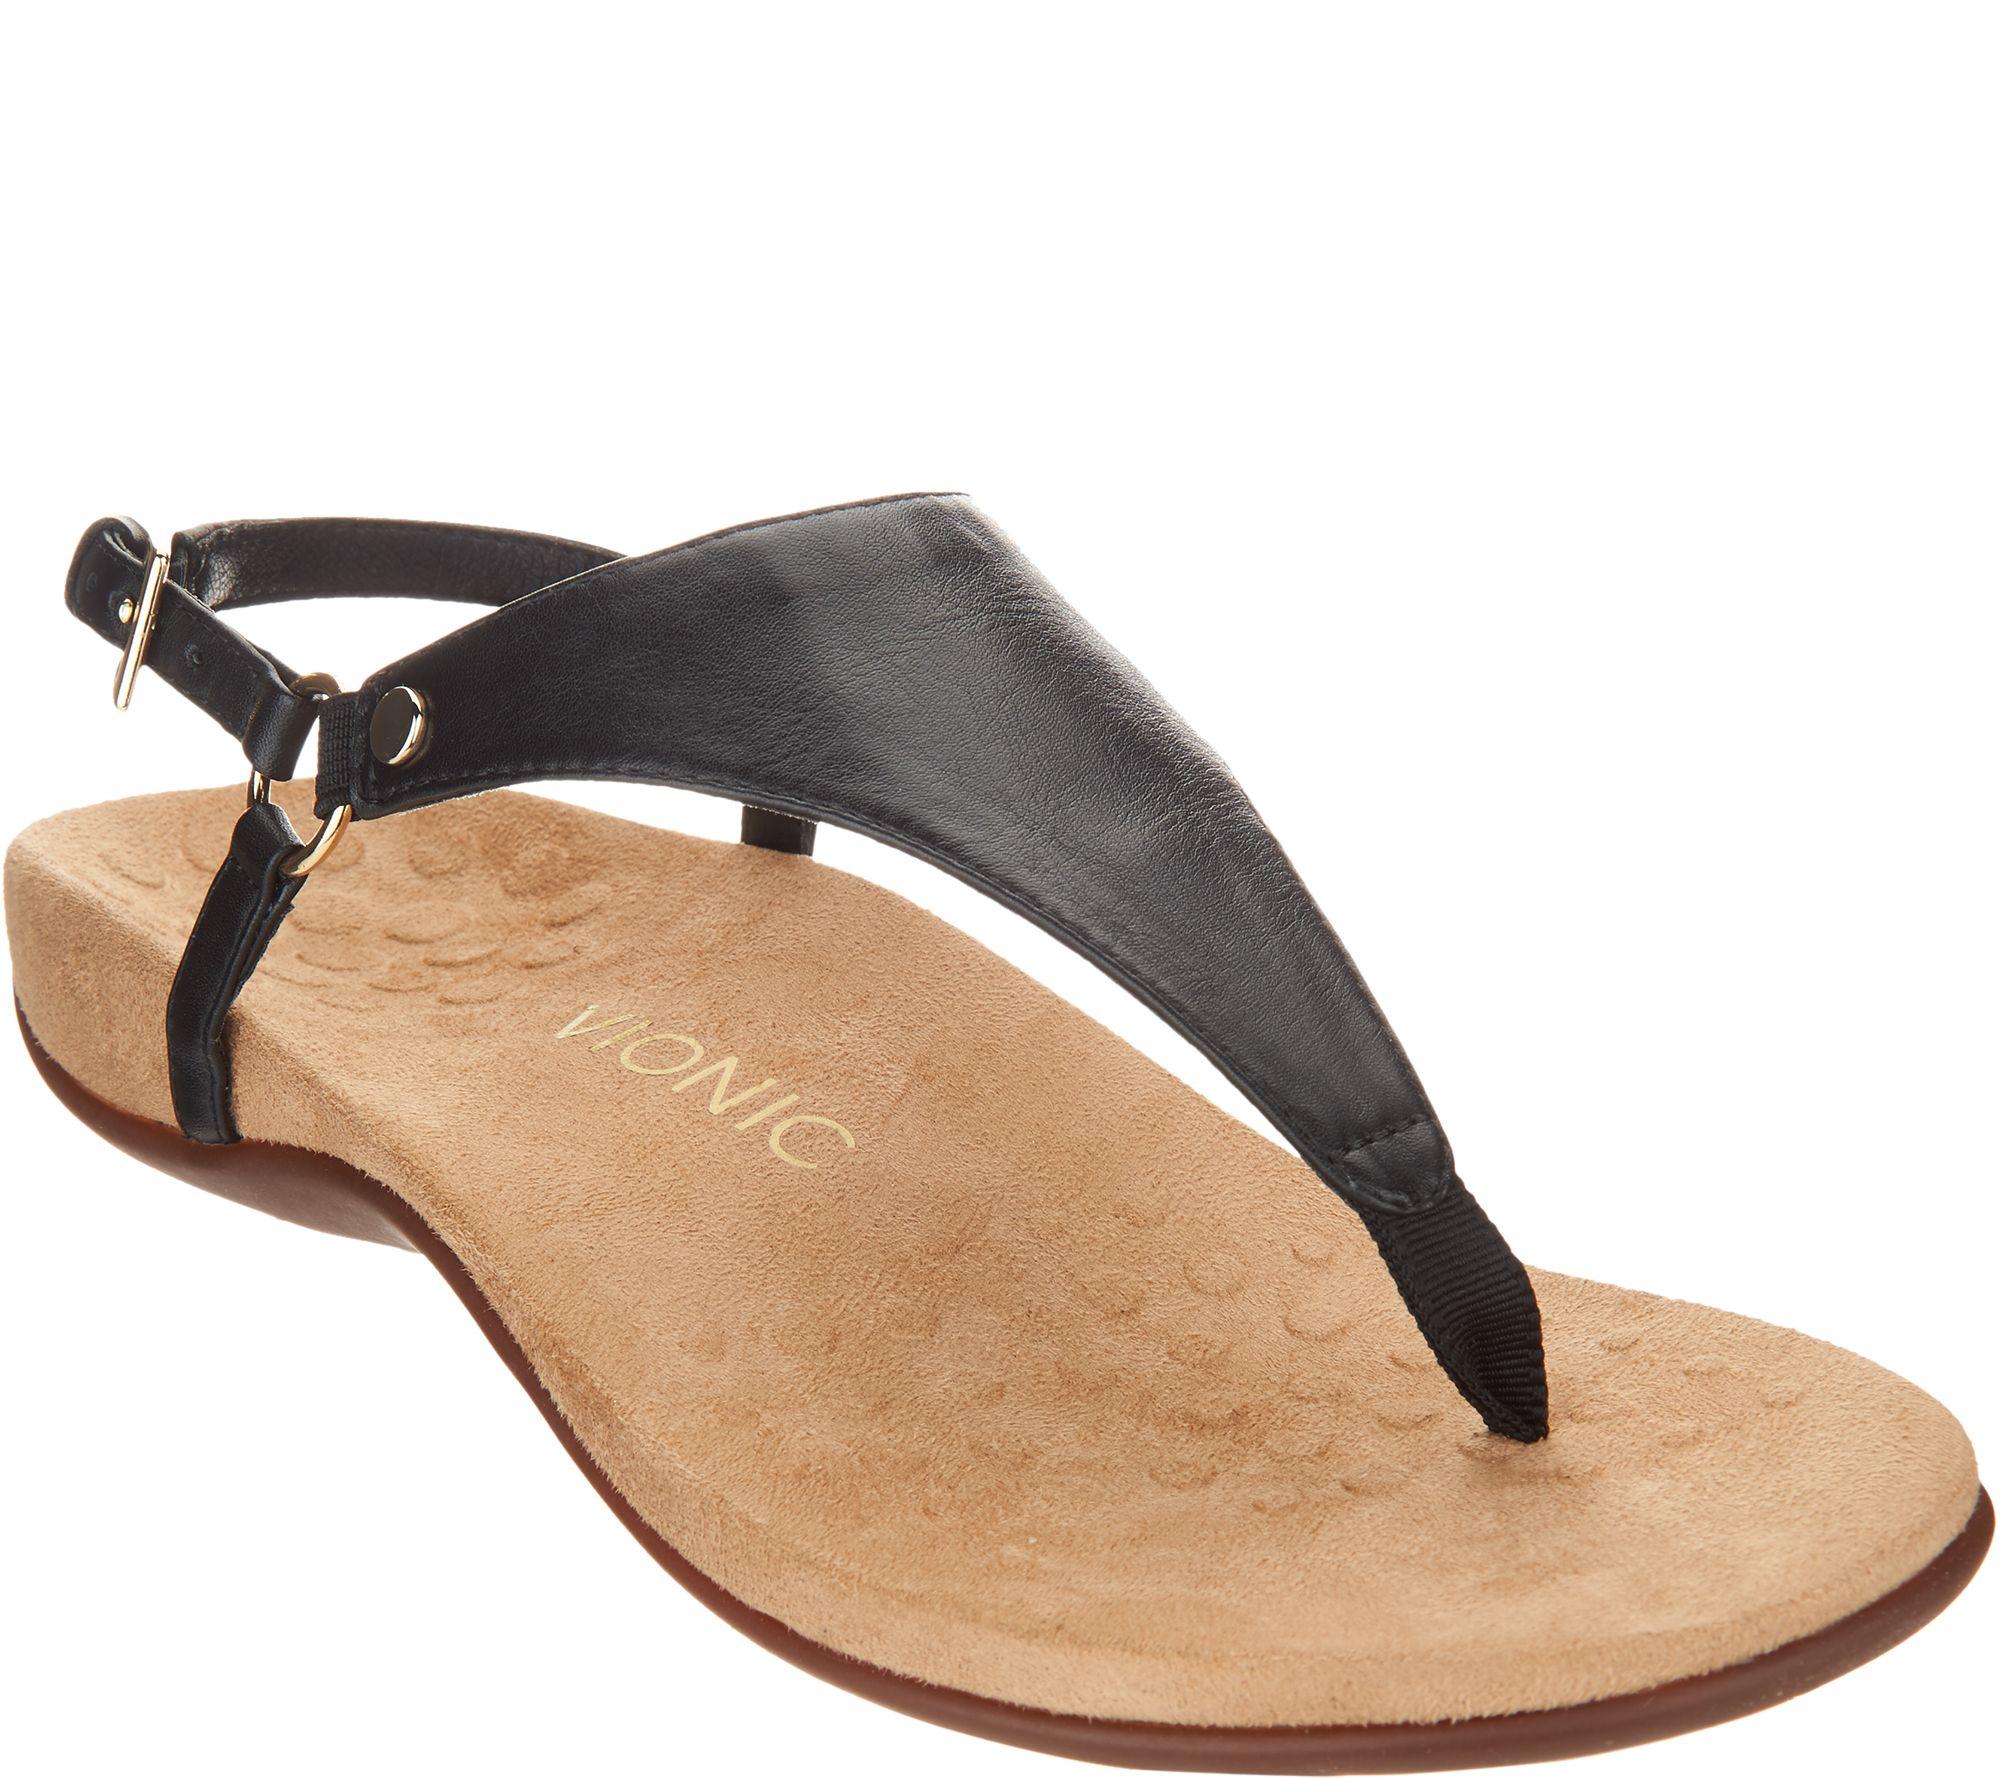 9bc0f10b036f Vionic Leather T-Strap Sandals - Kirra - Page 1 — QVC.com